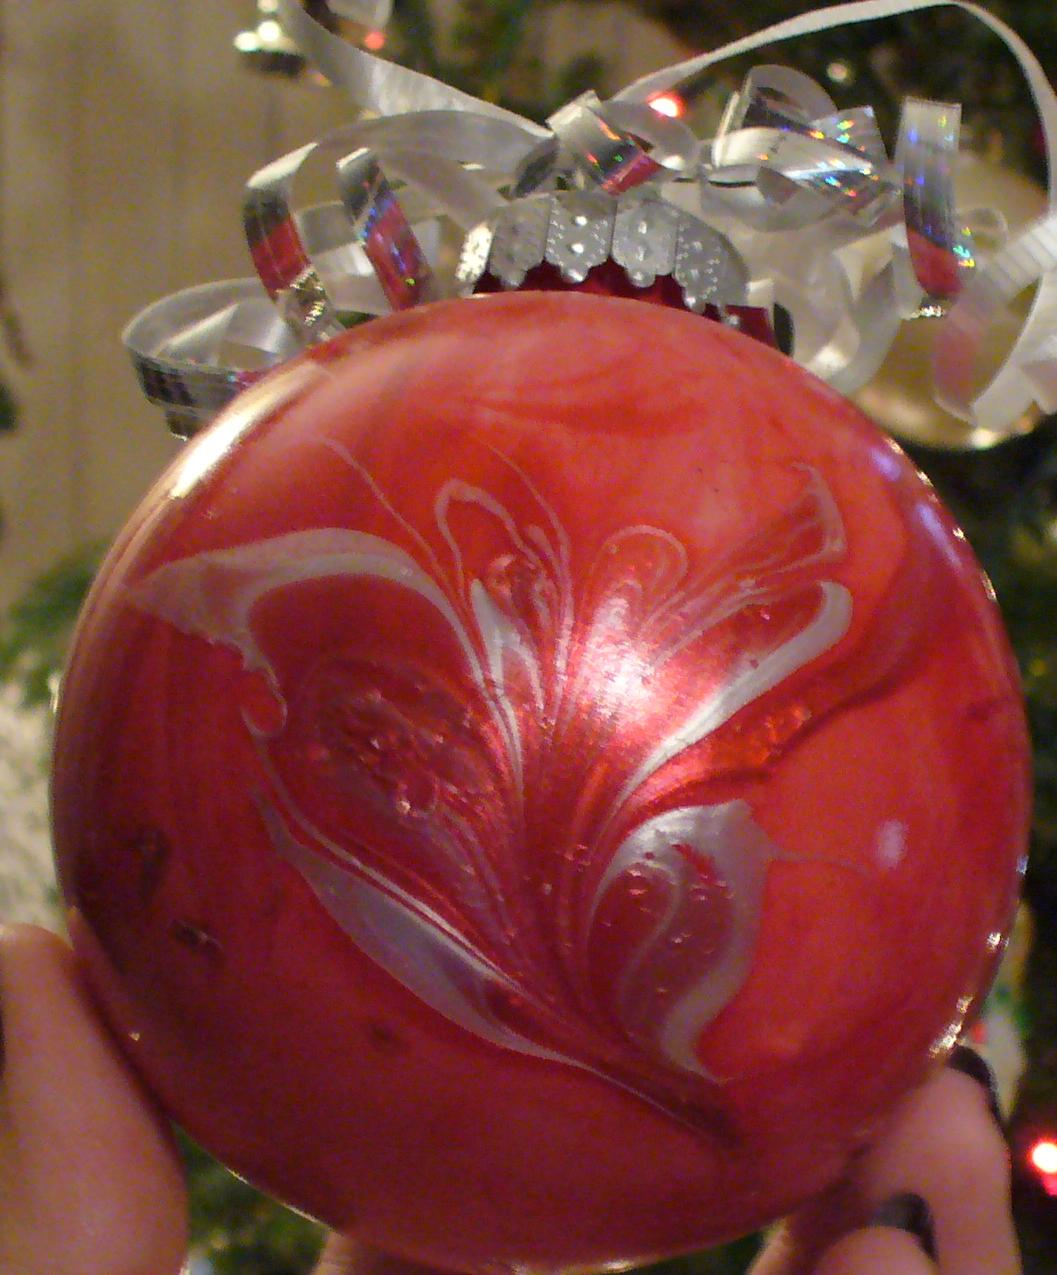 Christmas Ornaments Nail Polish : Marble christmas ornaments with nail polish a sparkly